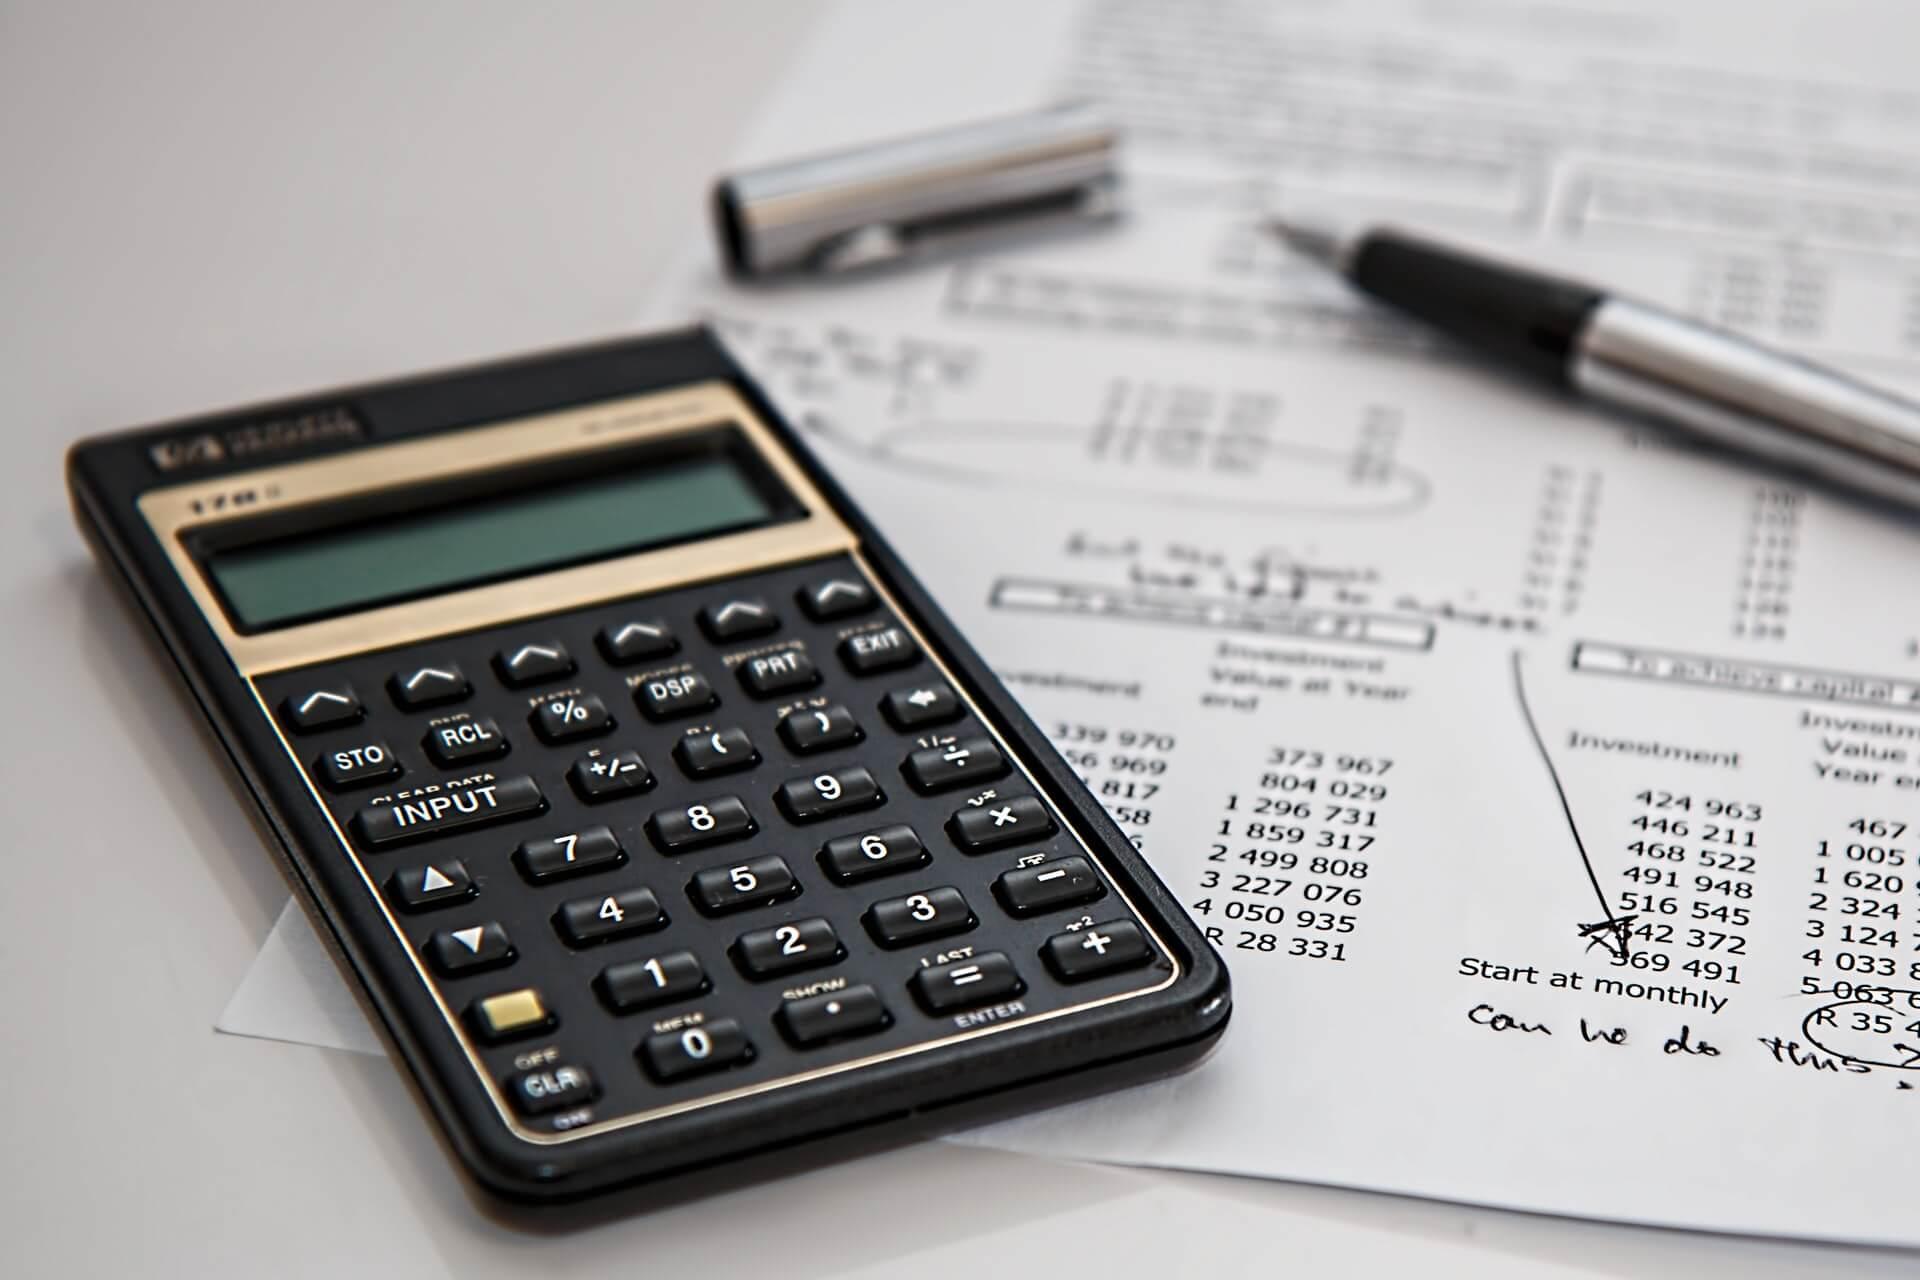 Conselhos financeiros: 8 coisas que você deve saber